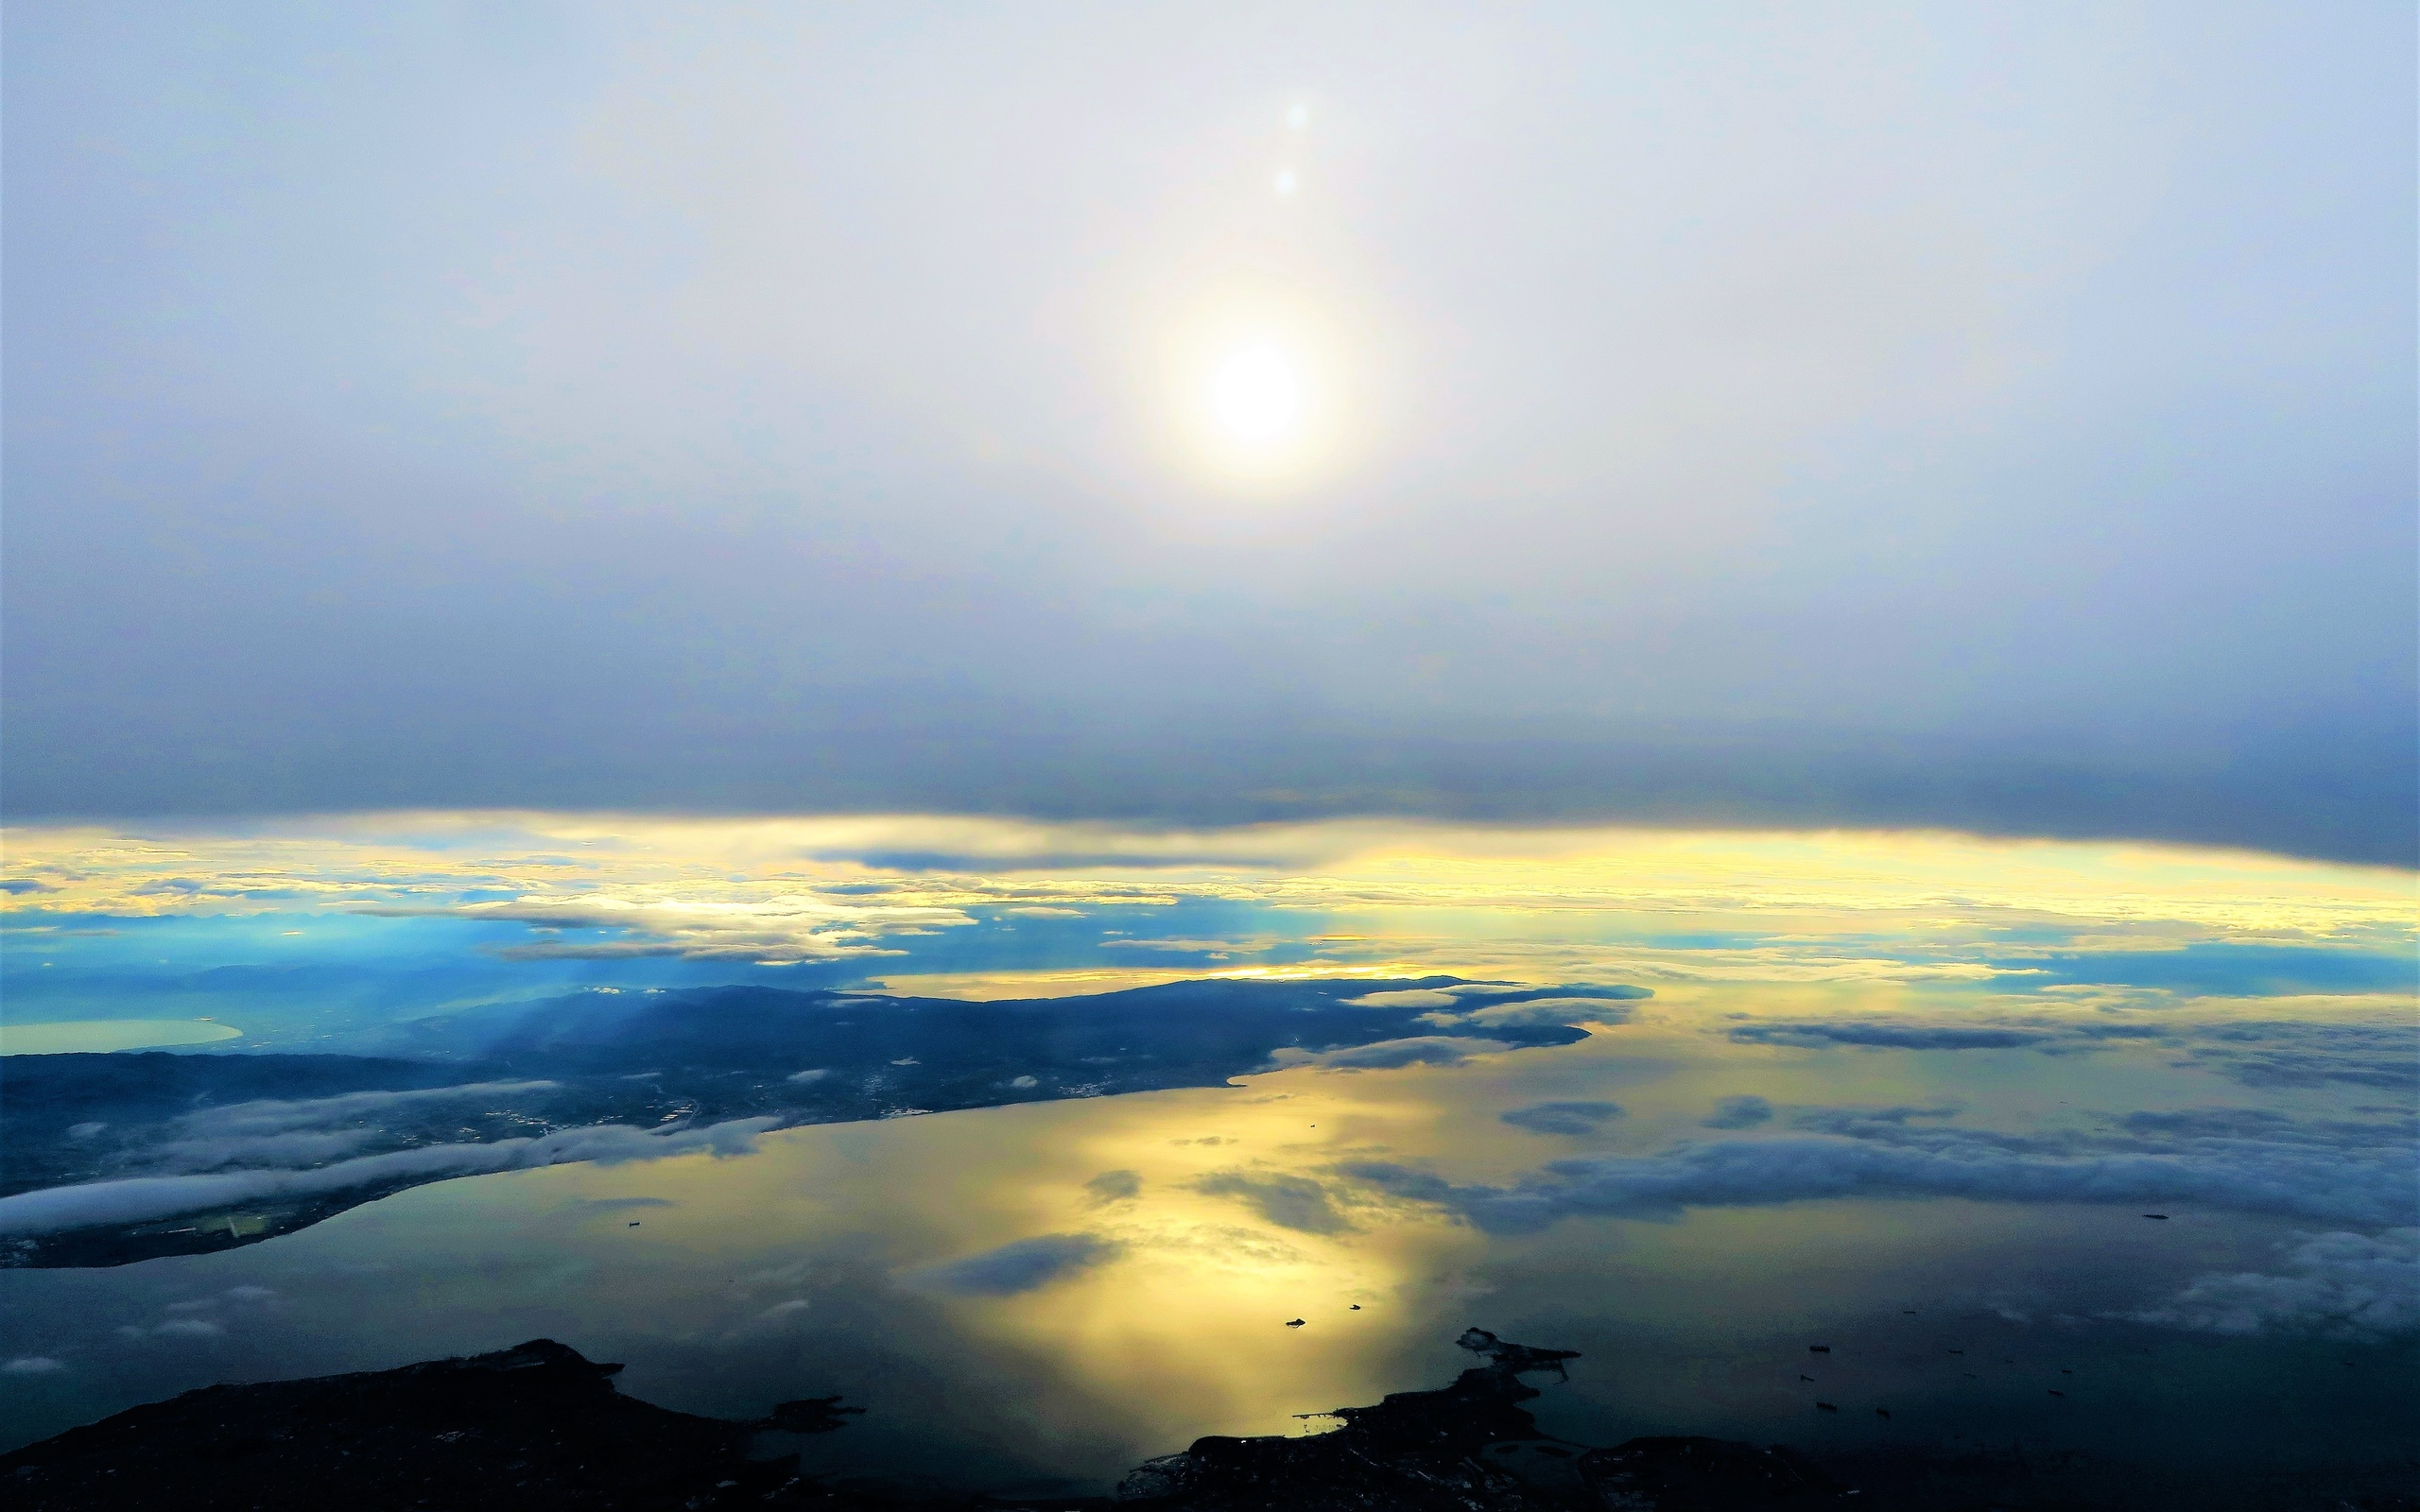 небо, море, закат